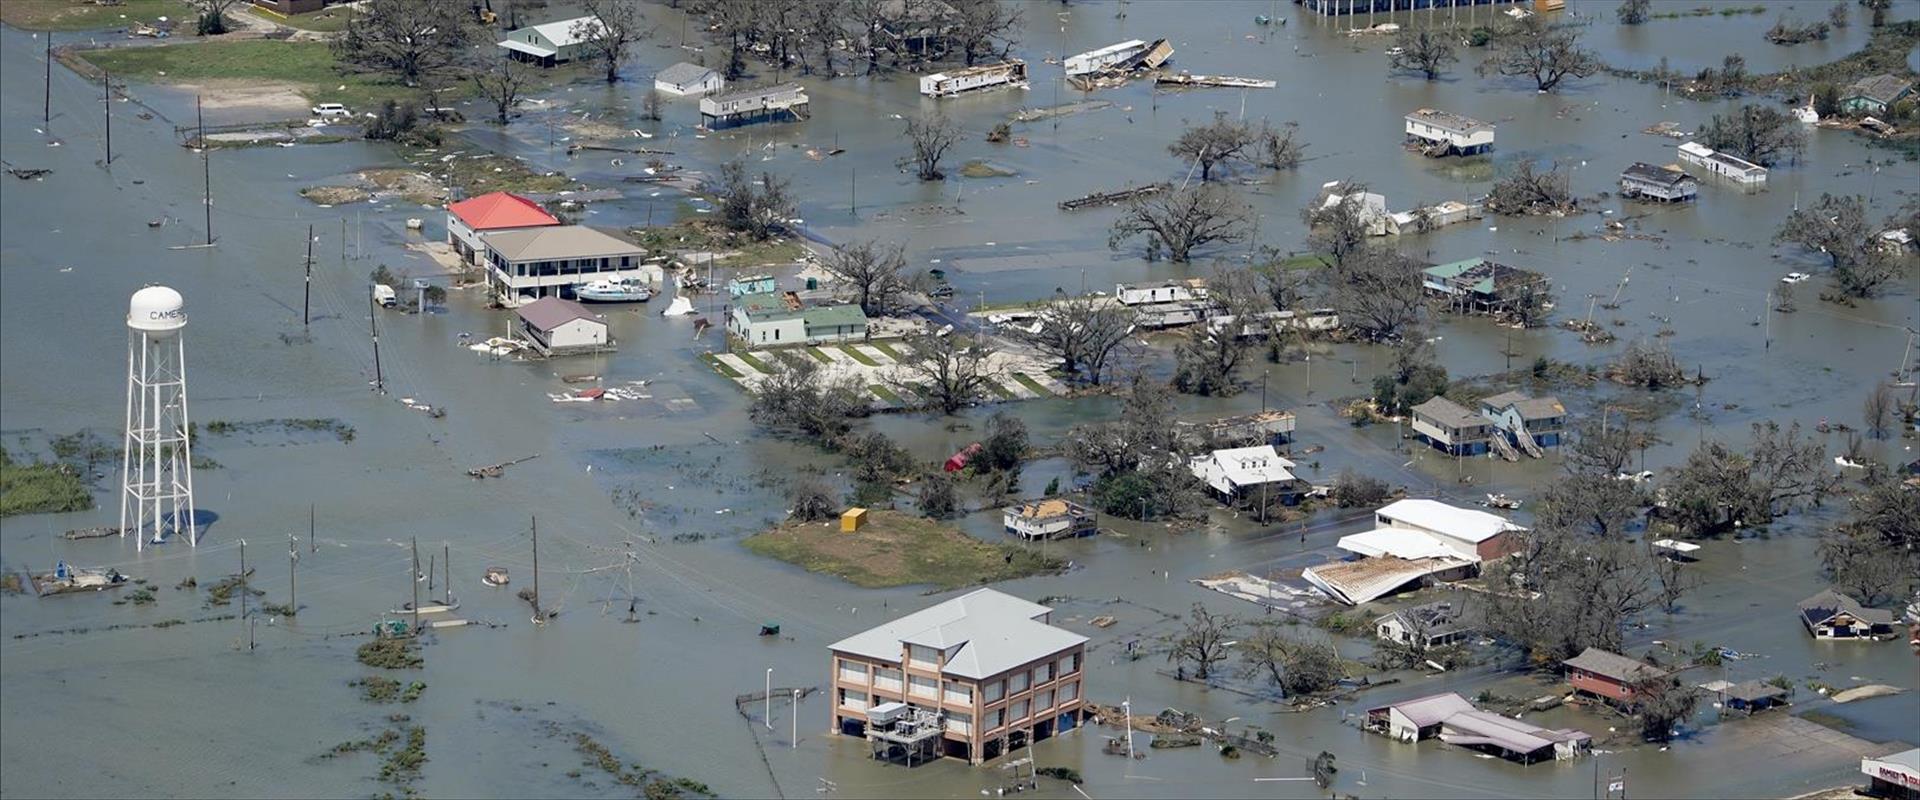 הצפות בעיר לייק צ'ארלס, לואיזינה בעקבות הוריקן לור